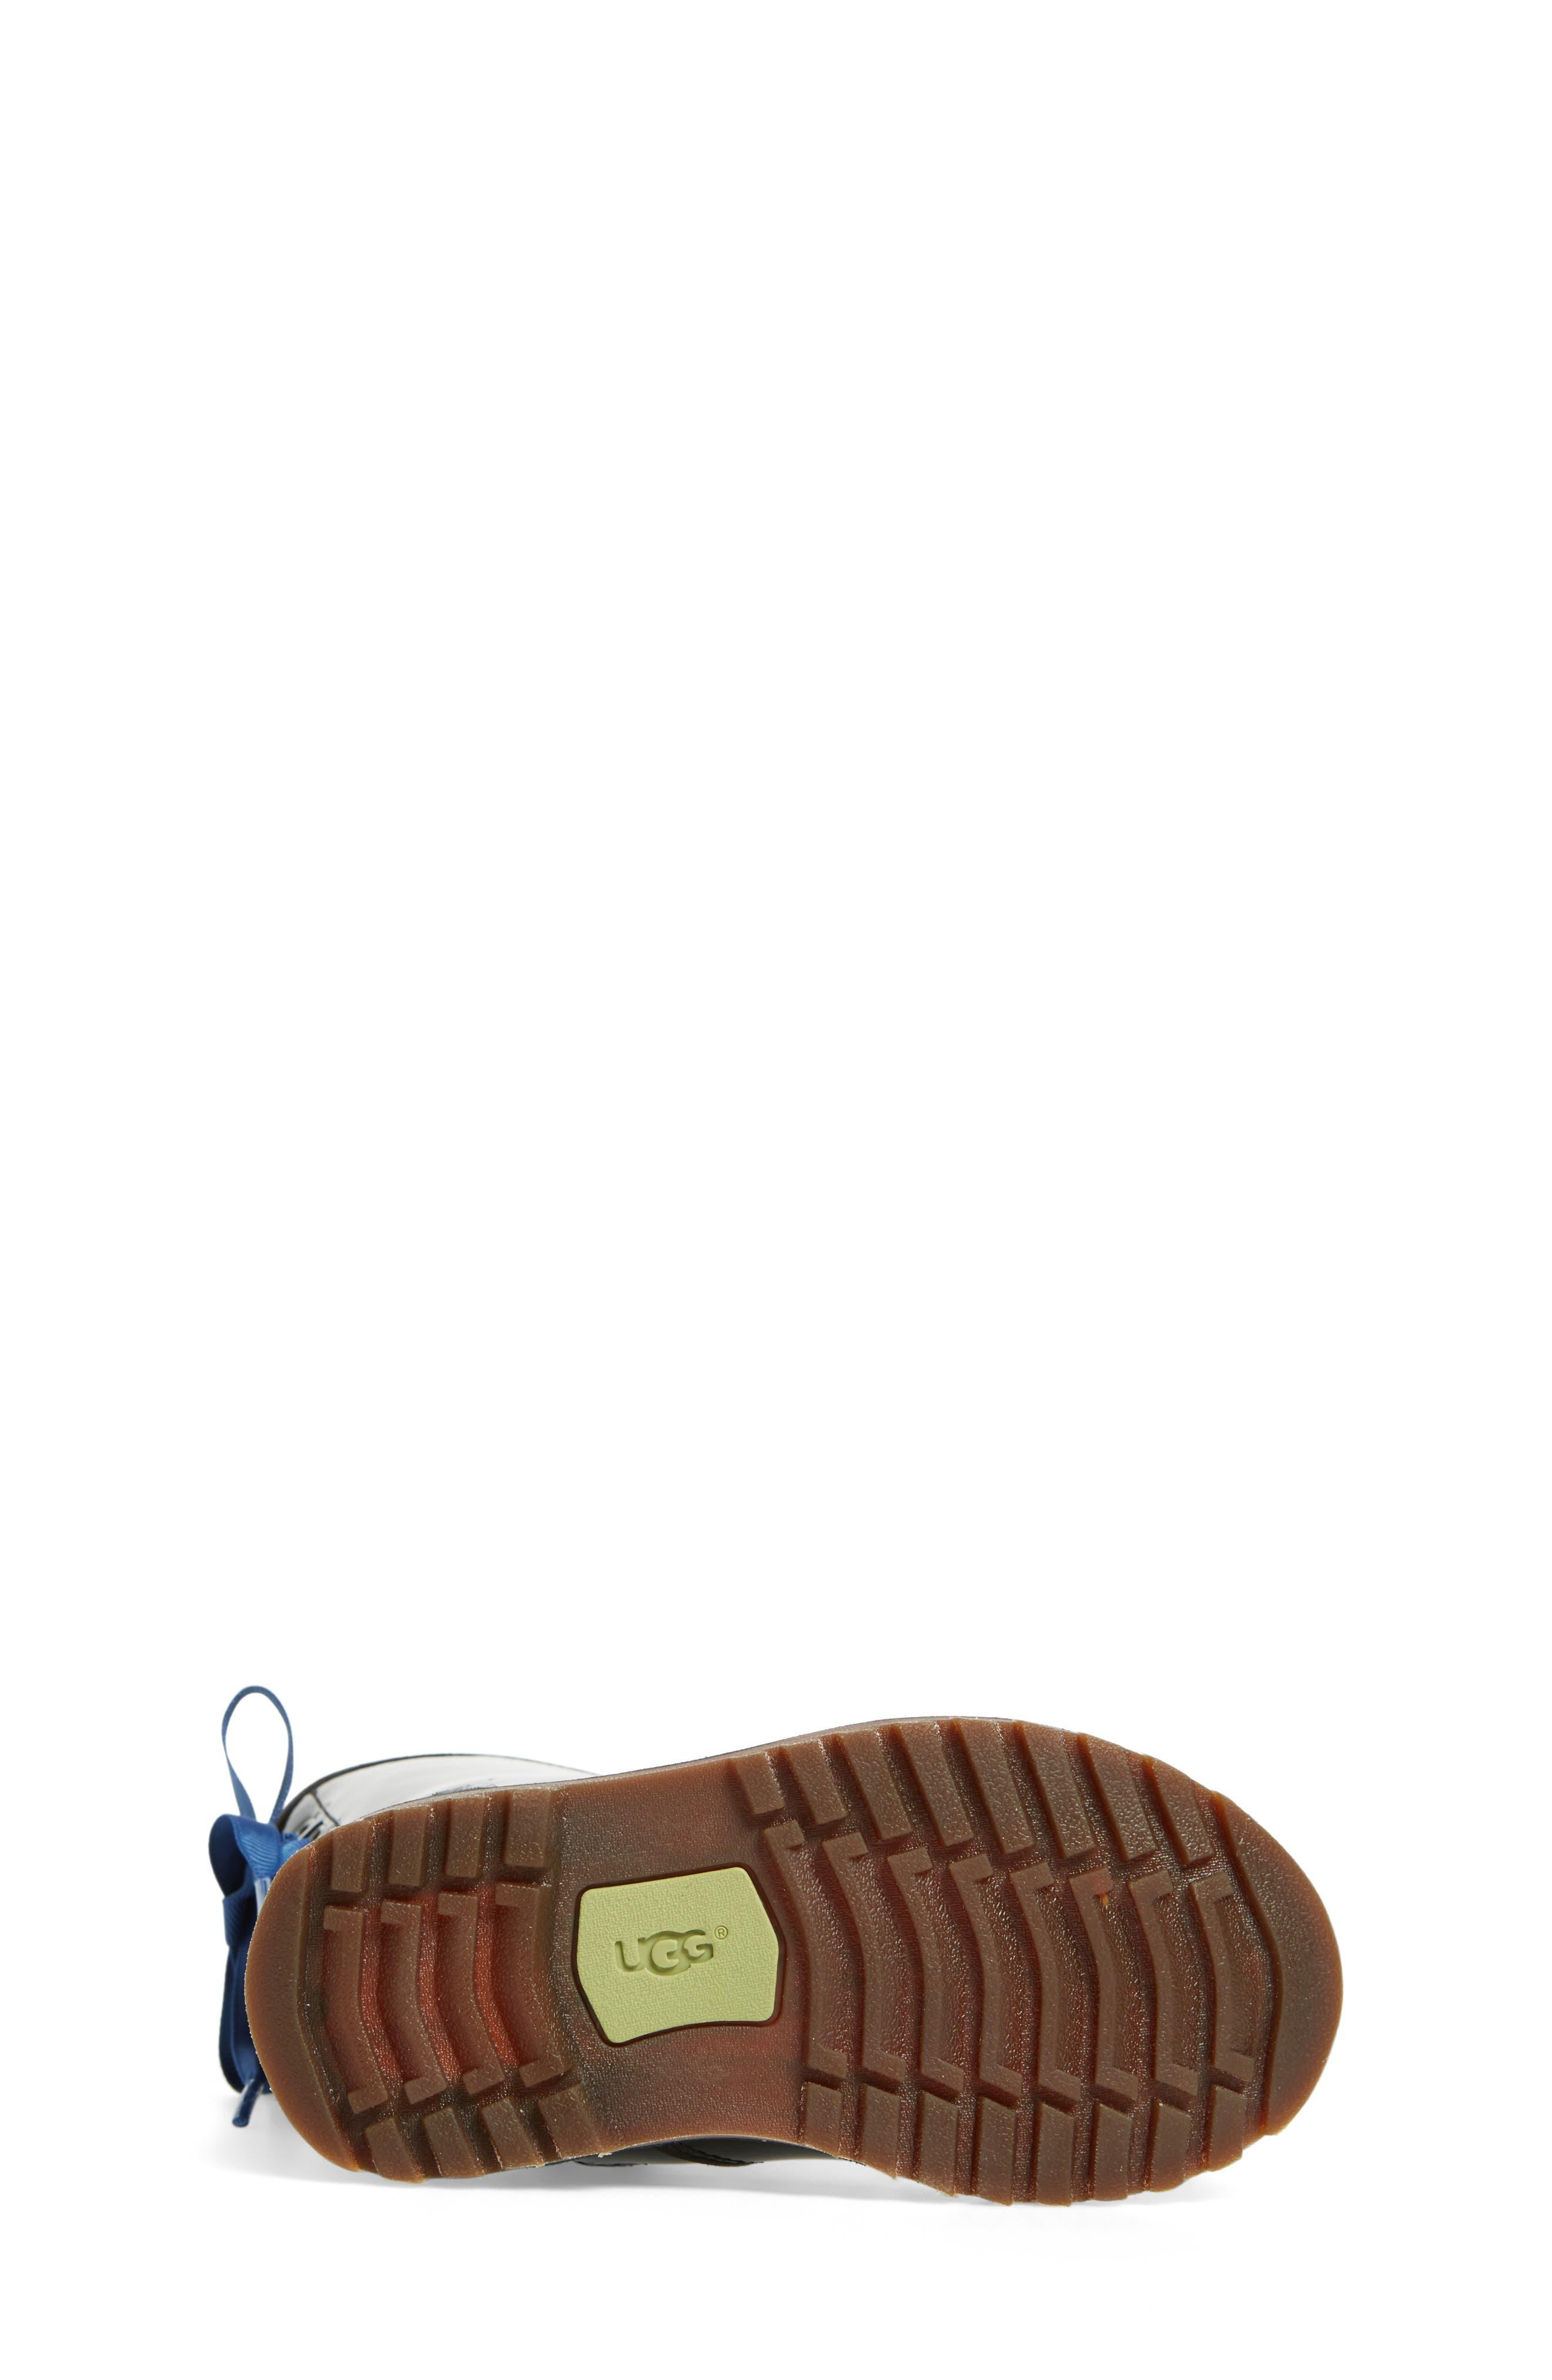 Corene Patent Leather Boot,                             Alternate thumbnail 5, color,                             Black/ Black